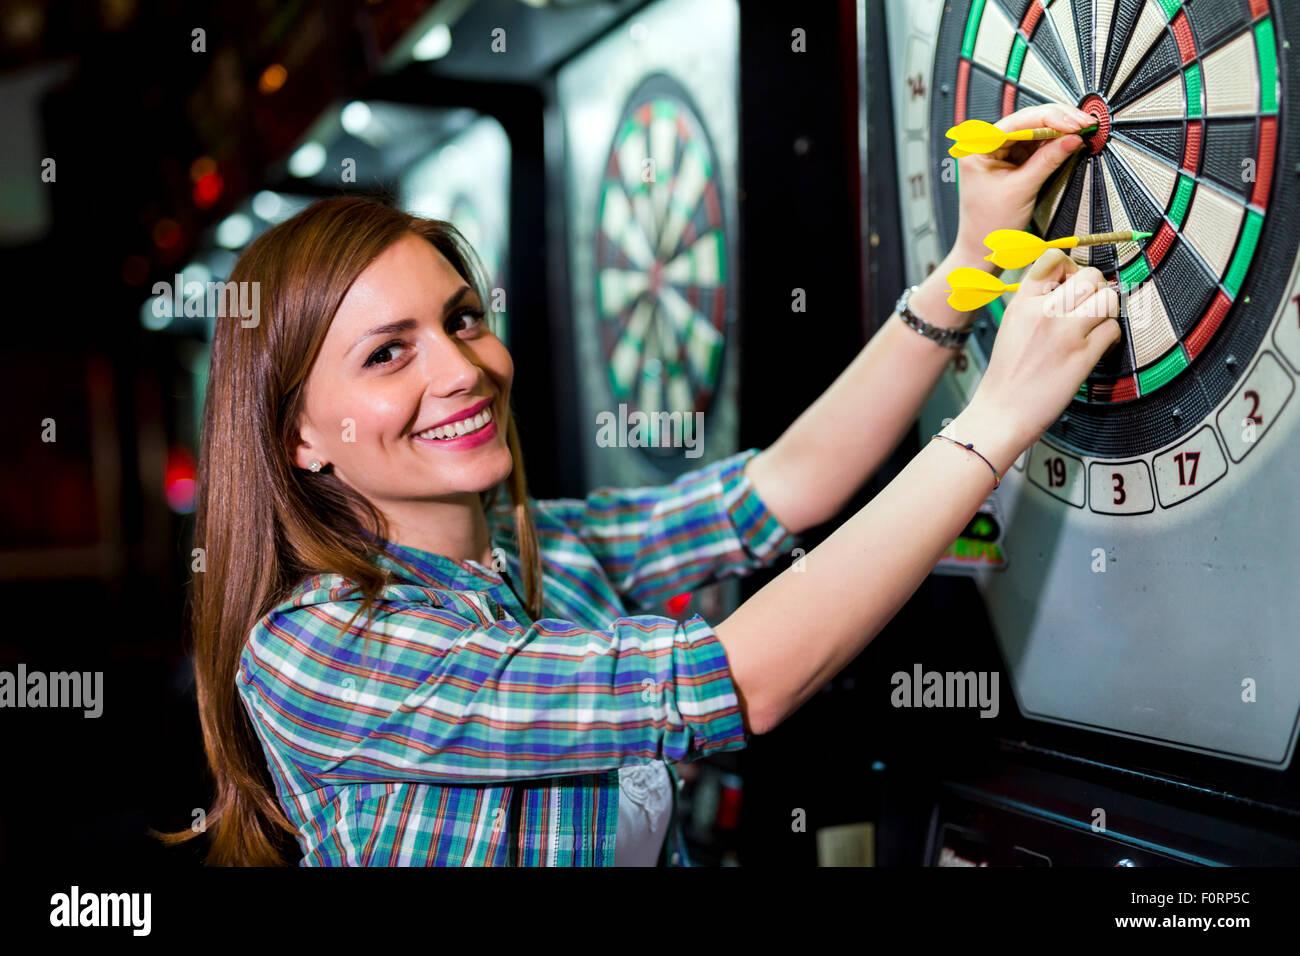 Junge schöne Frau in einem Club Dart spielen und Lächeln Stockbild